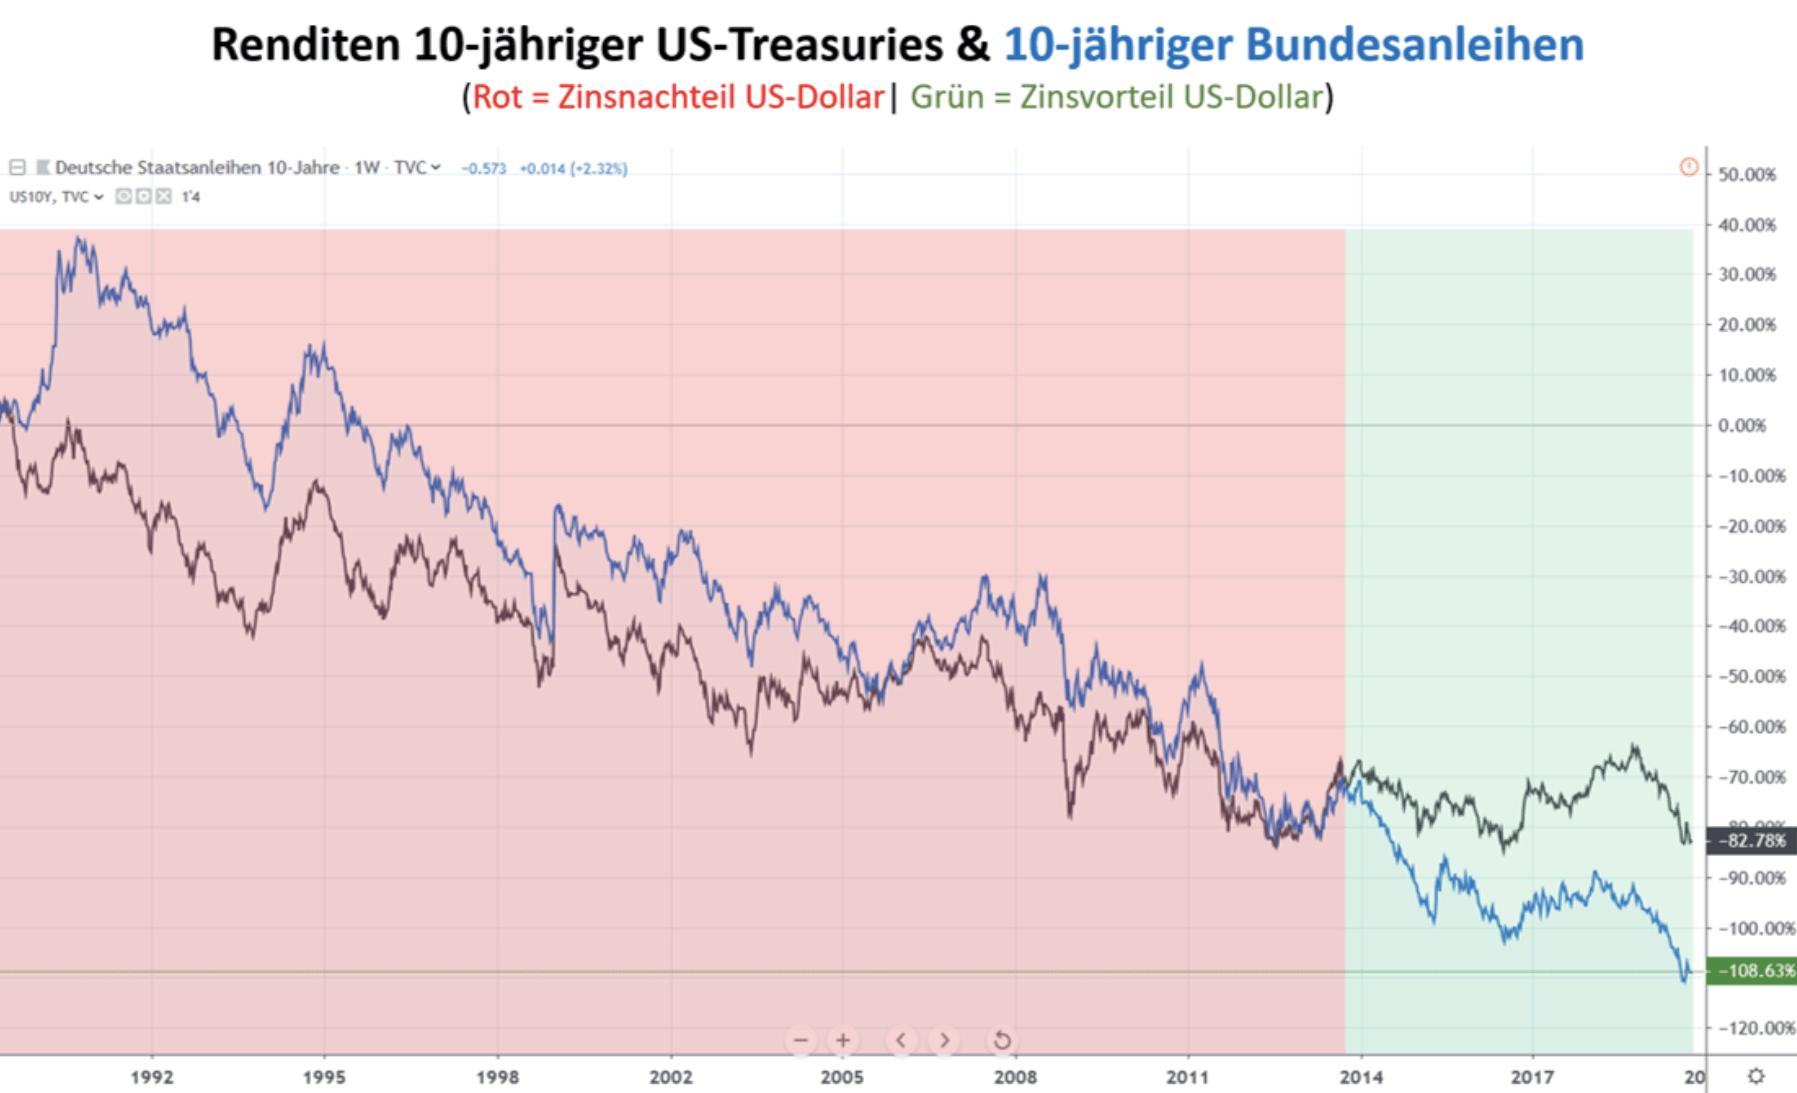 Rendite Vergleich USA Deutschland